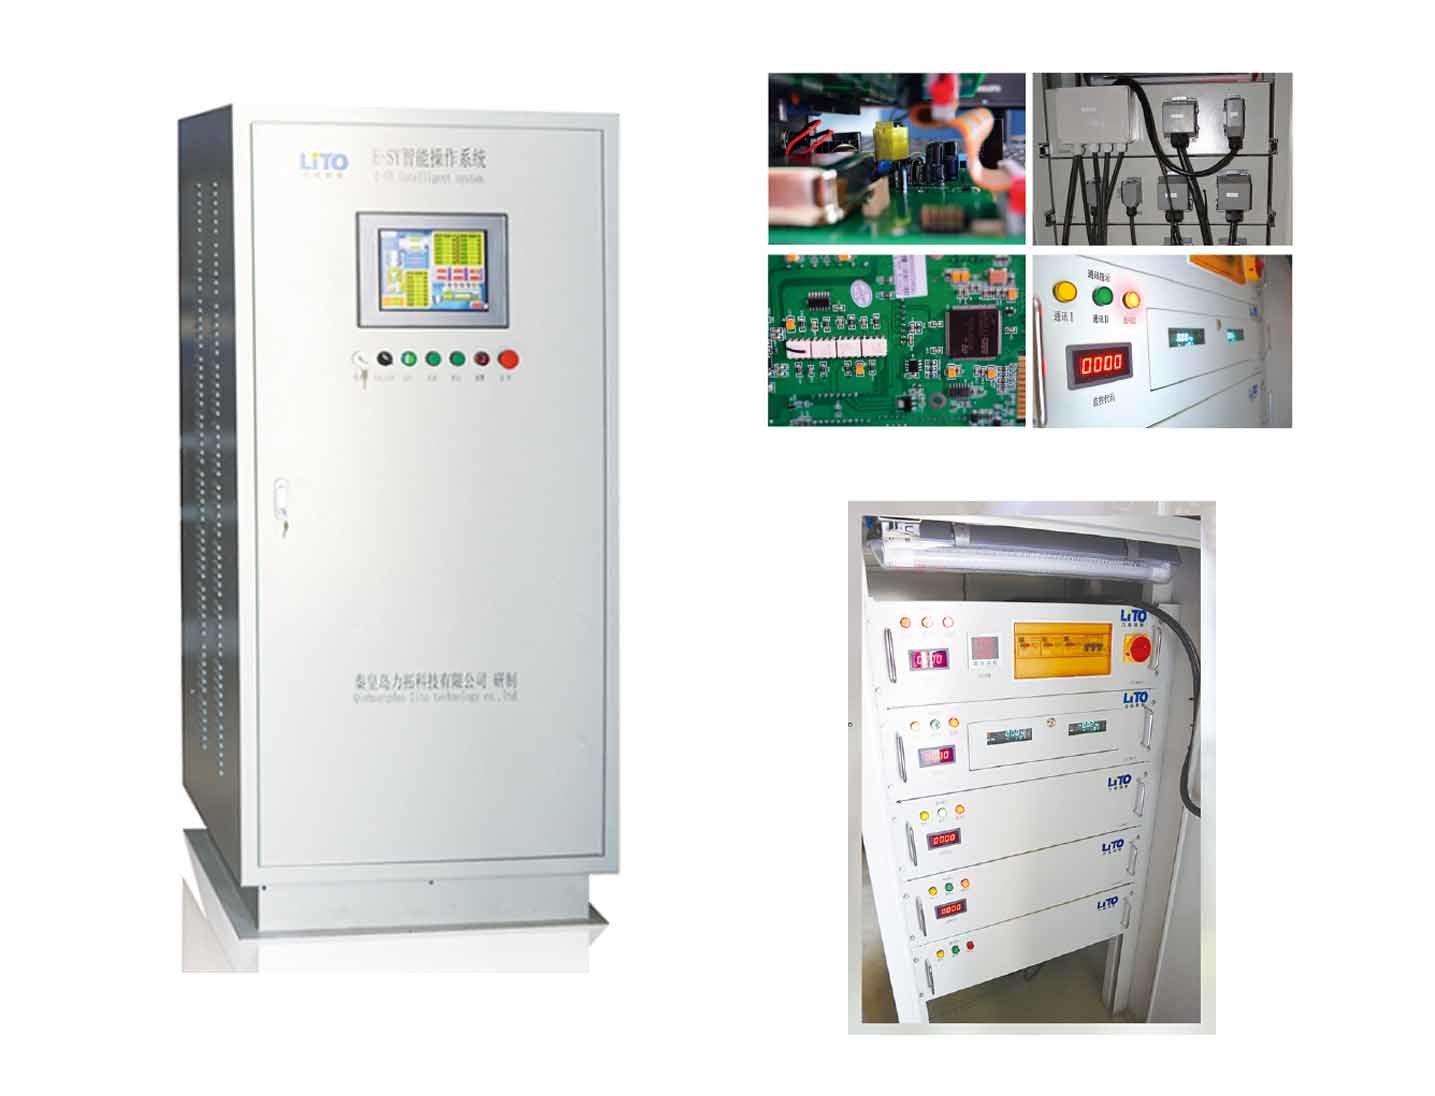 E-Syのインテリジェント制御システム